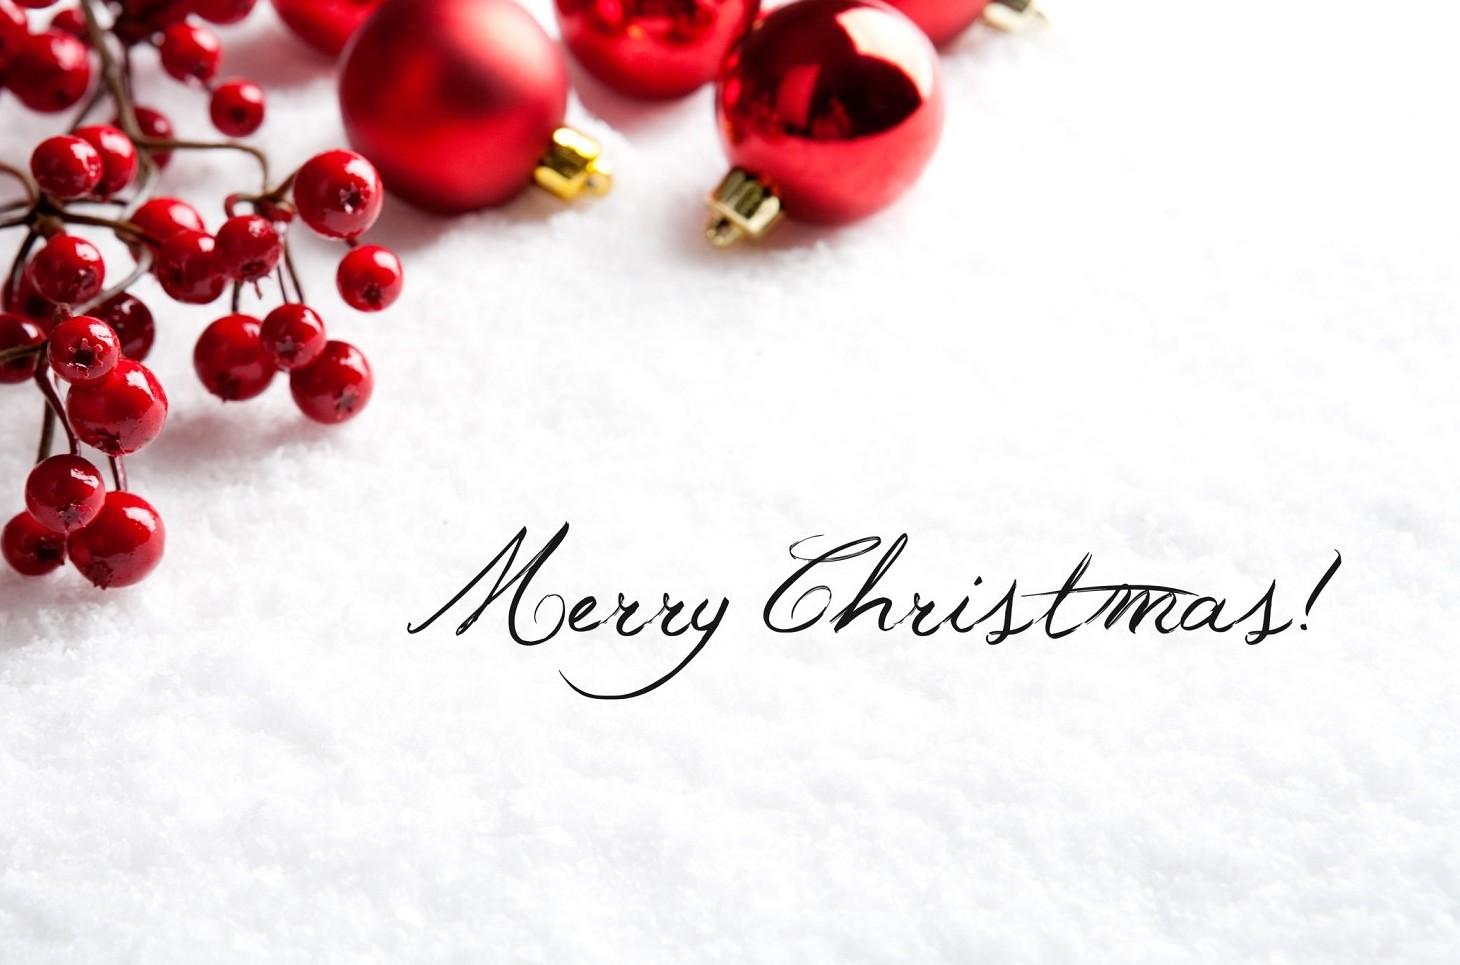 Frasi Auguri di Natale: 10 frasi per pap